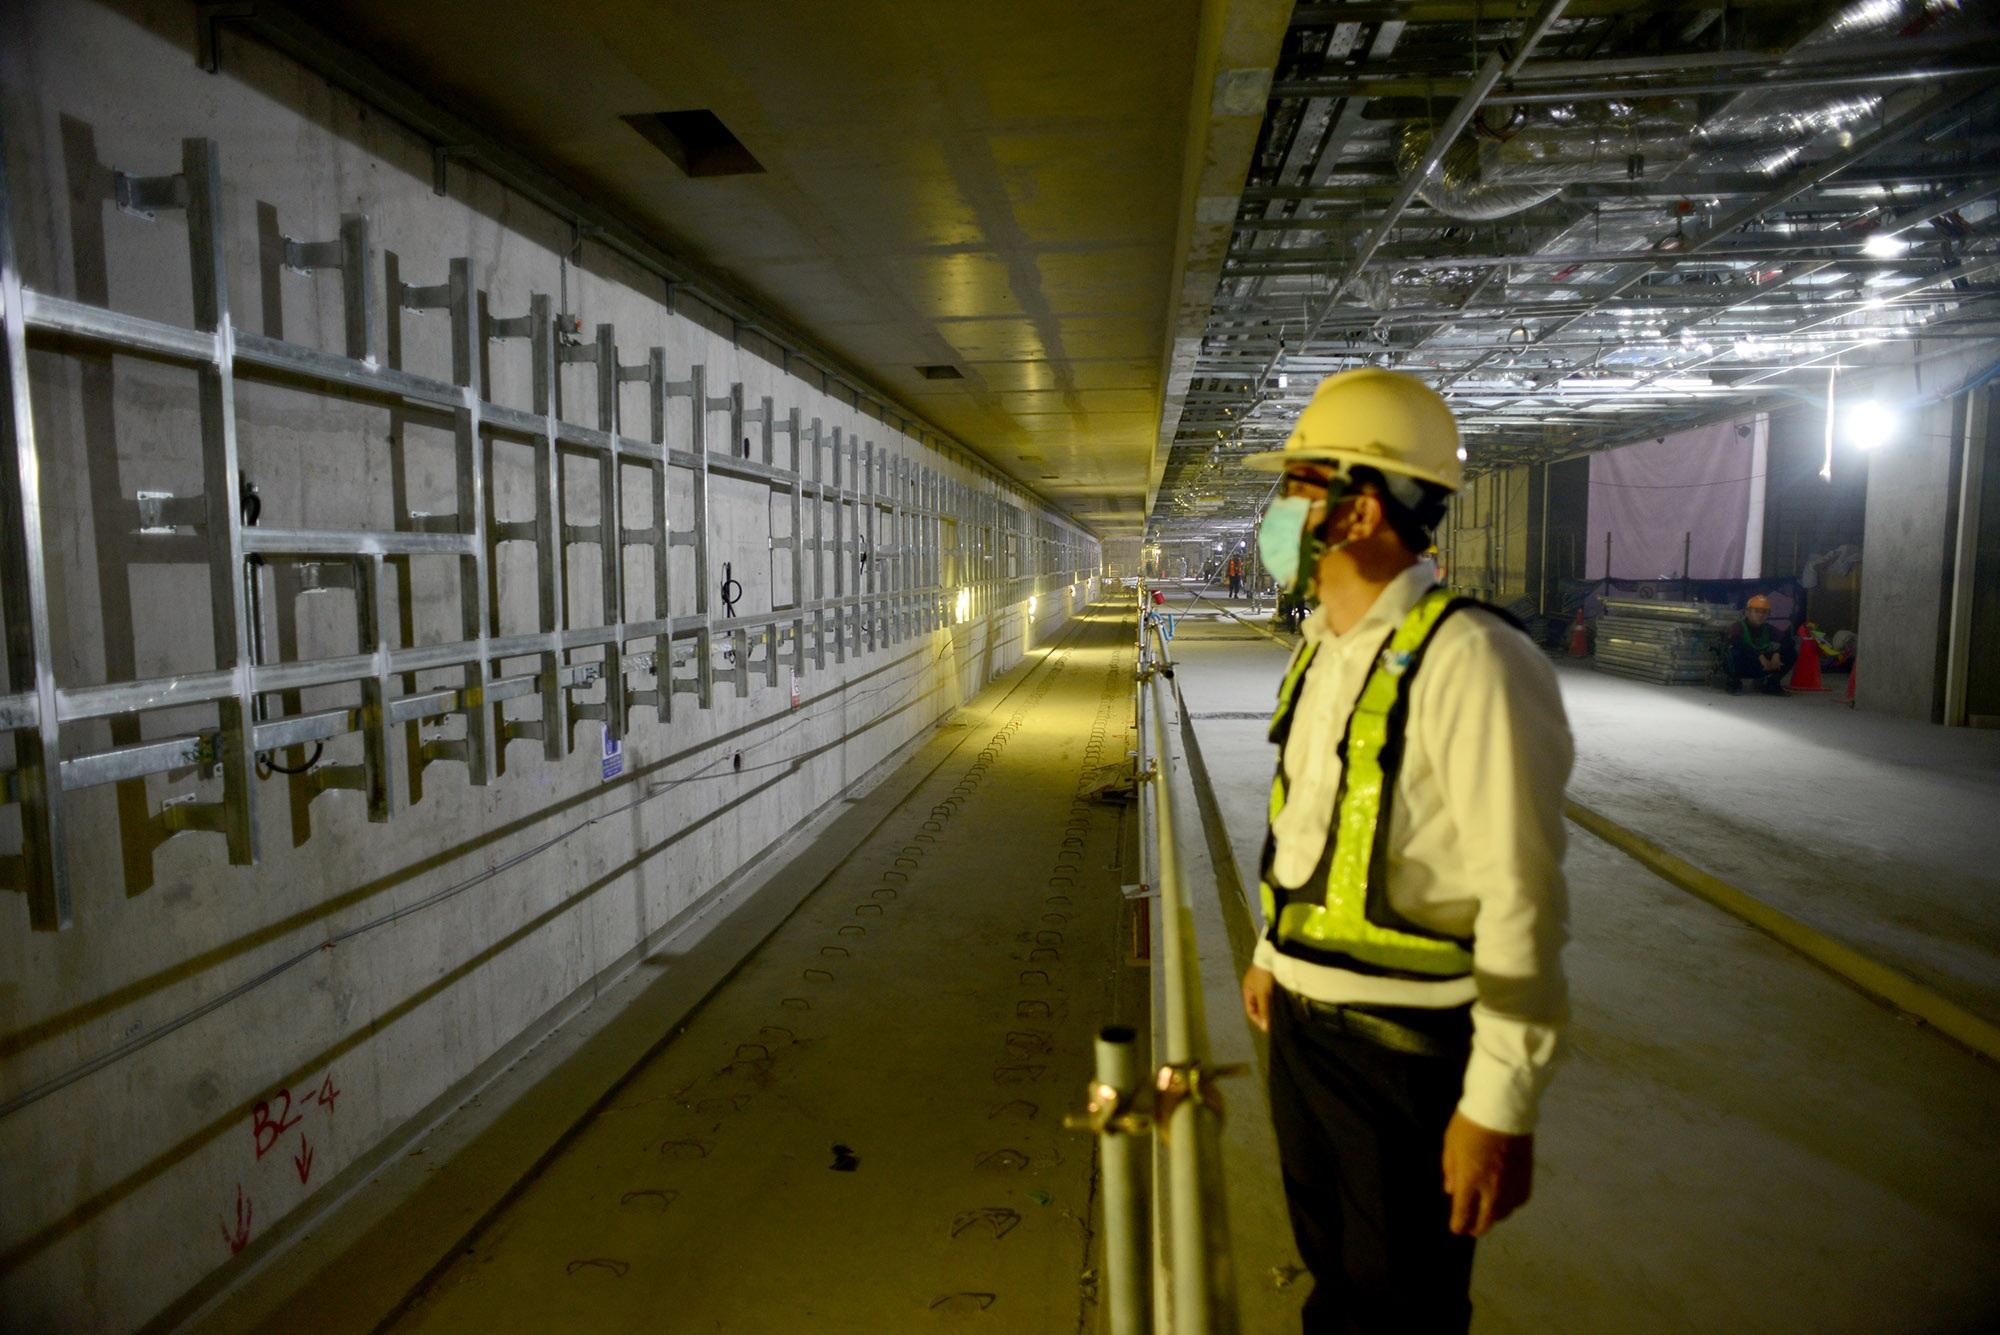 Ngắm toàn cảnh tuyến metro đầu tiên của TPHCM - 14